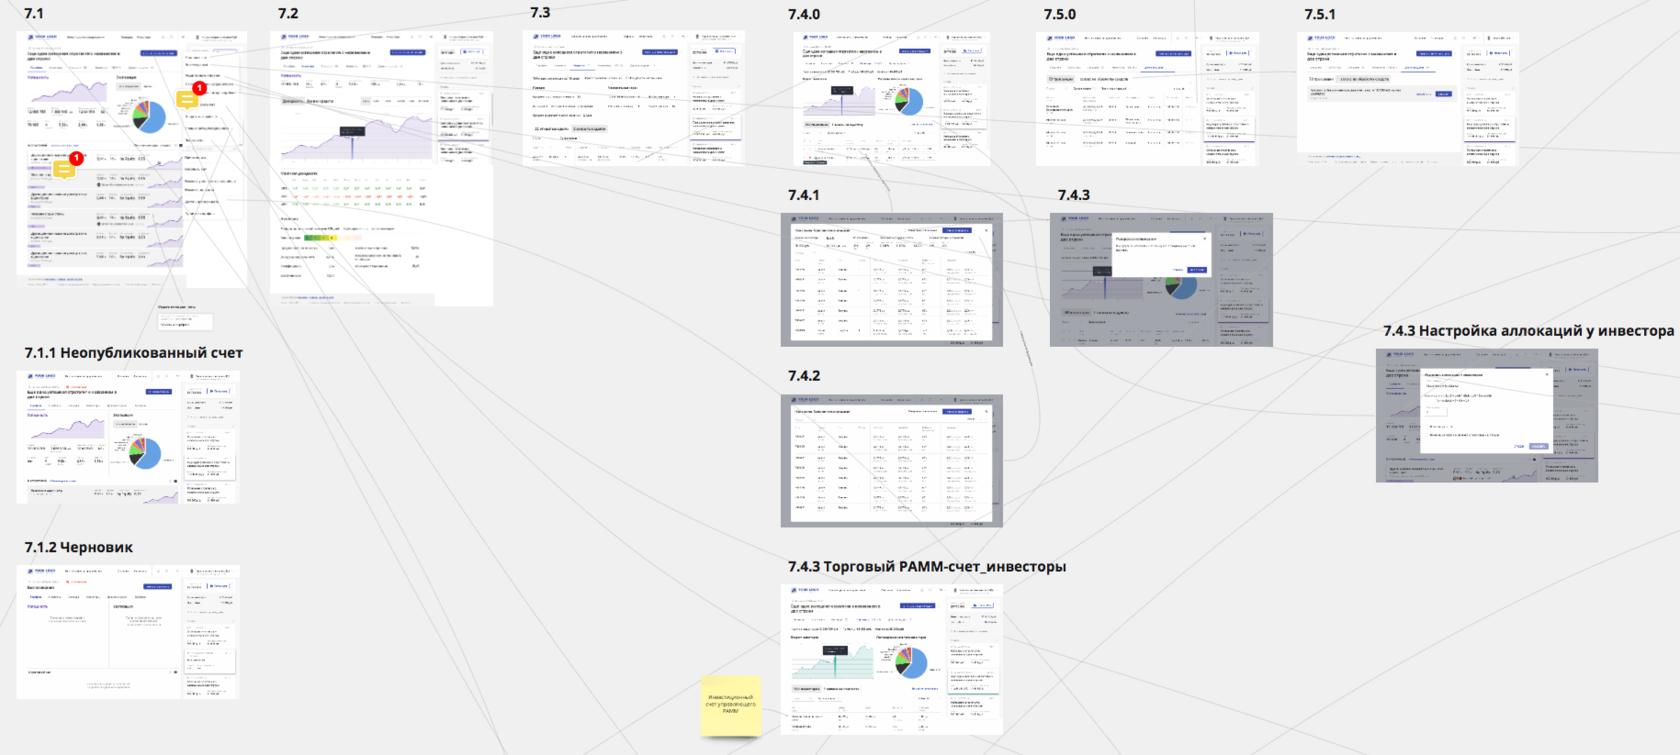 Платформа для инвесторов и трейдеров: портфельный управляющий | SobakaPav.ru